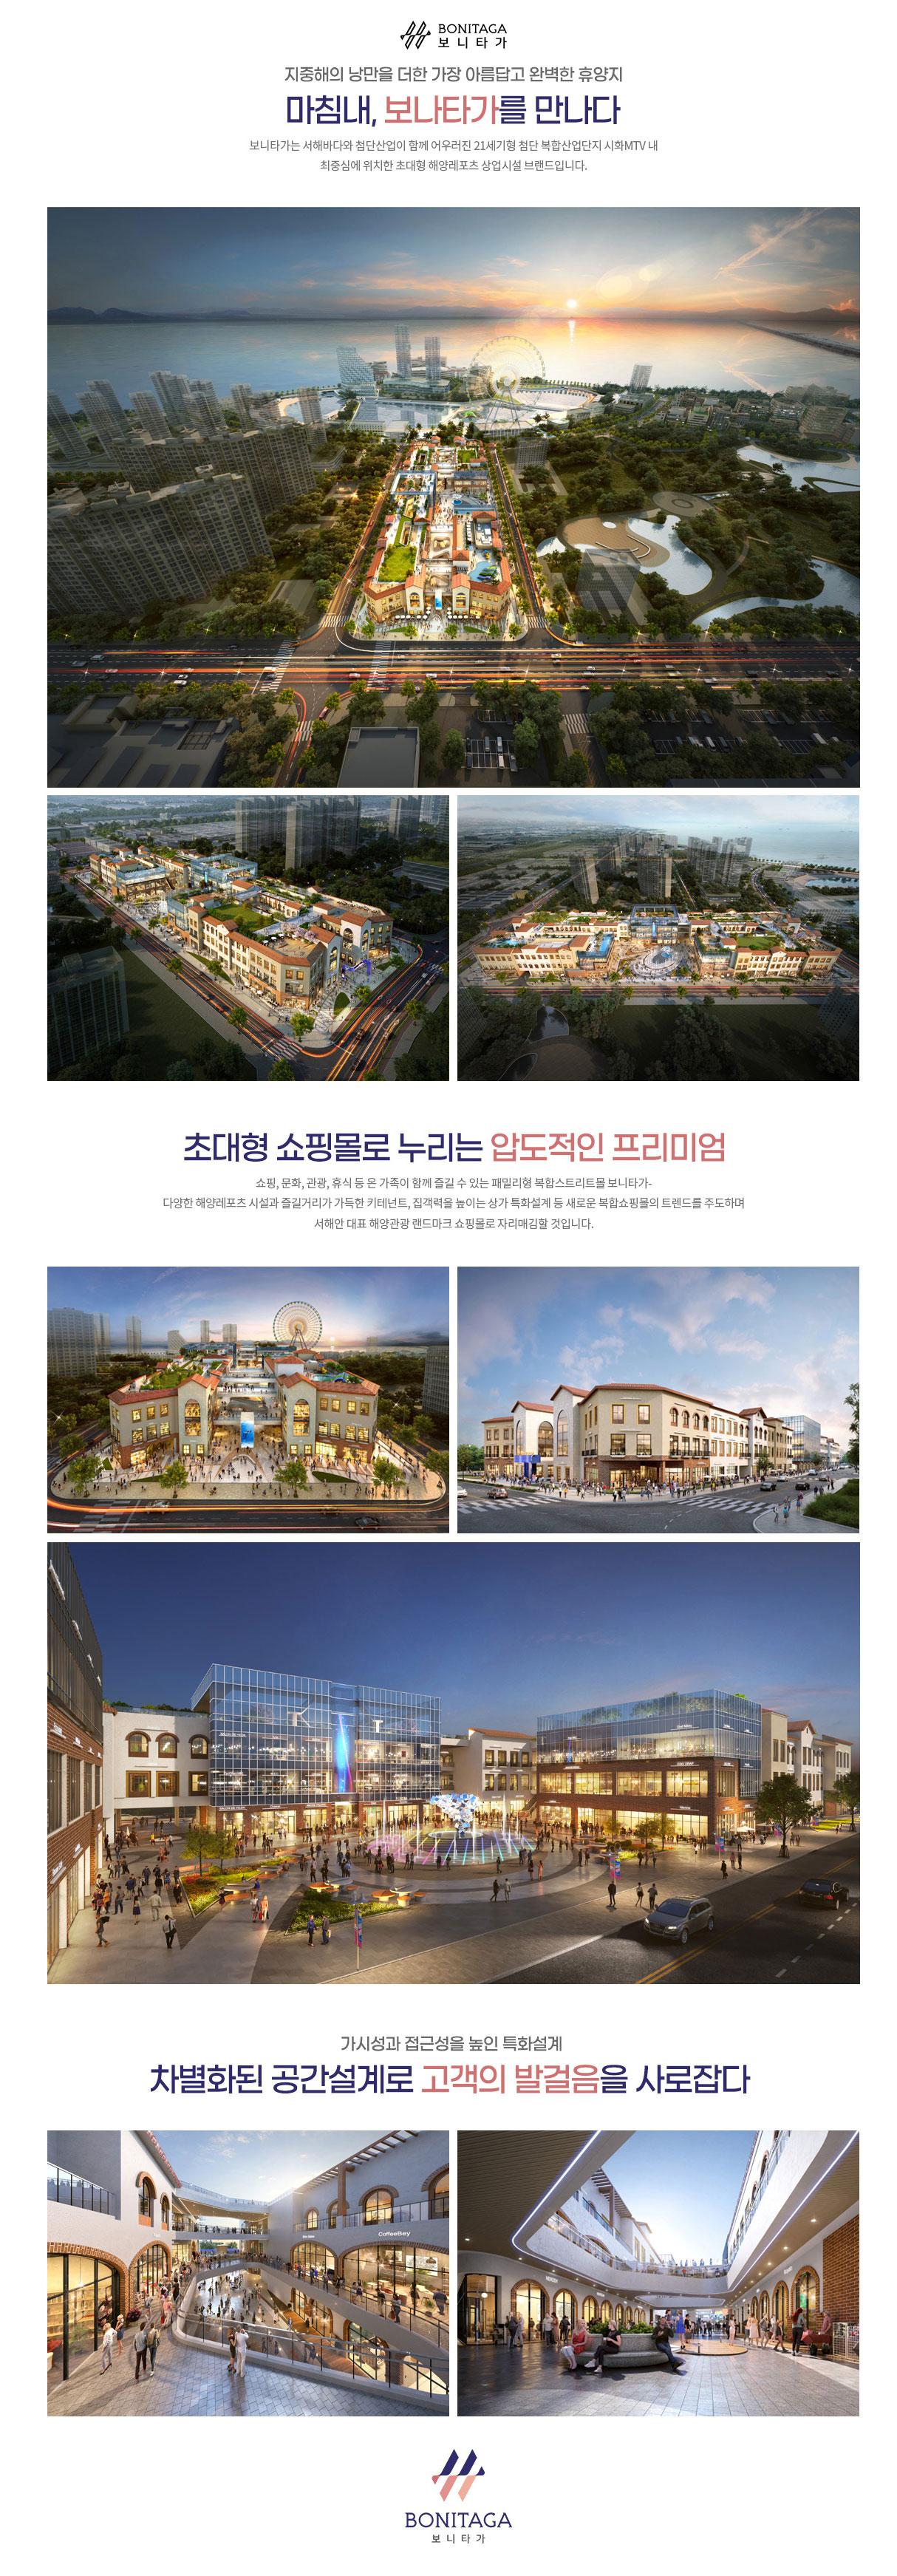 시흥-MTV-거북섬-보니타가-main-2.jpg